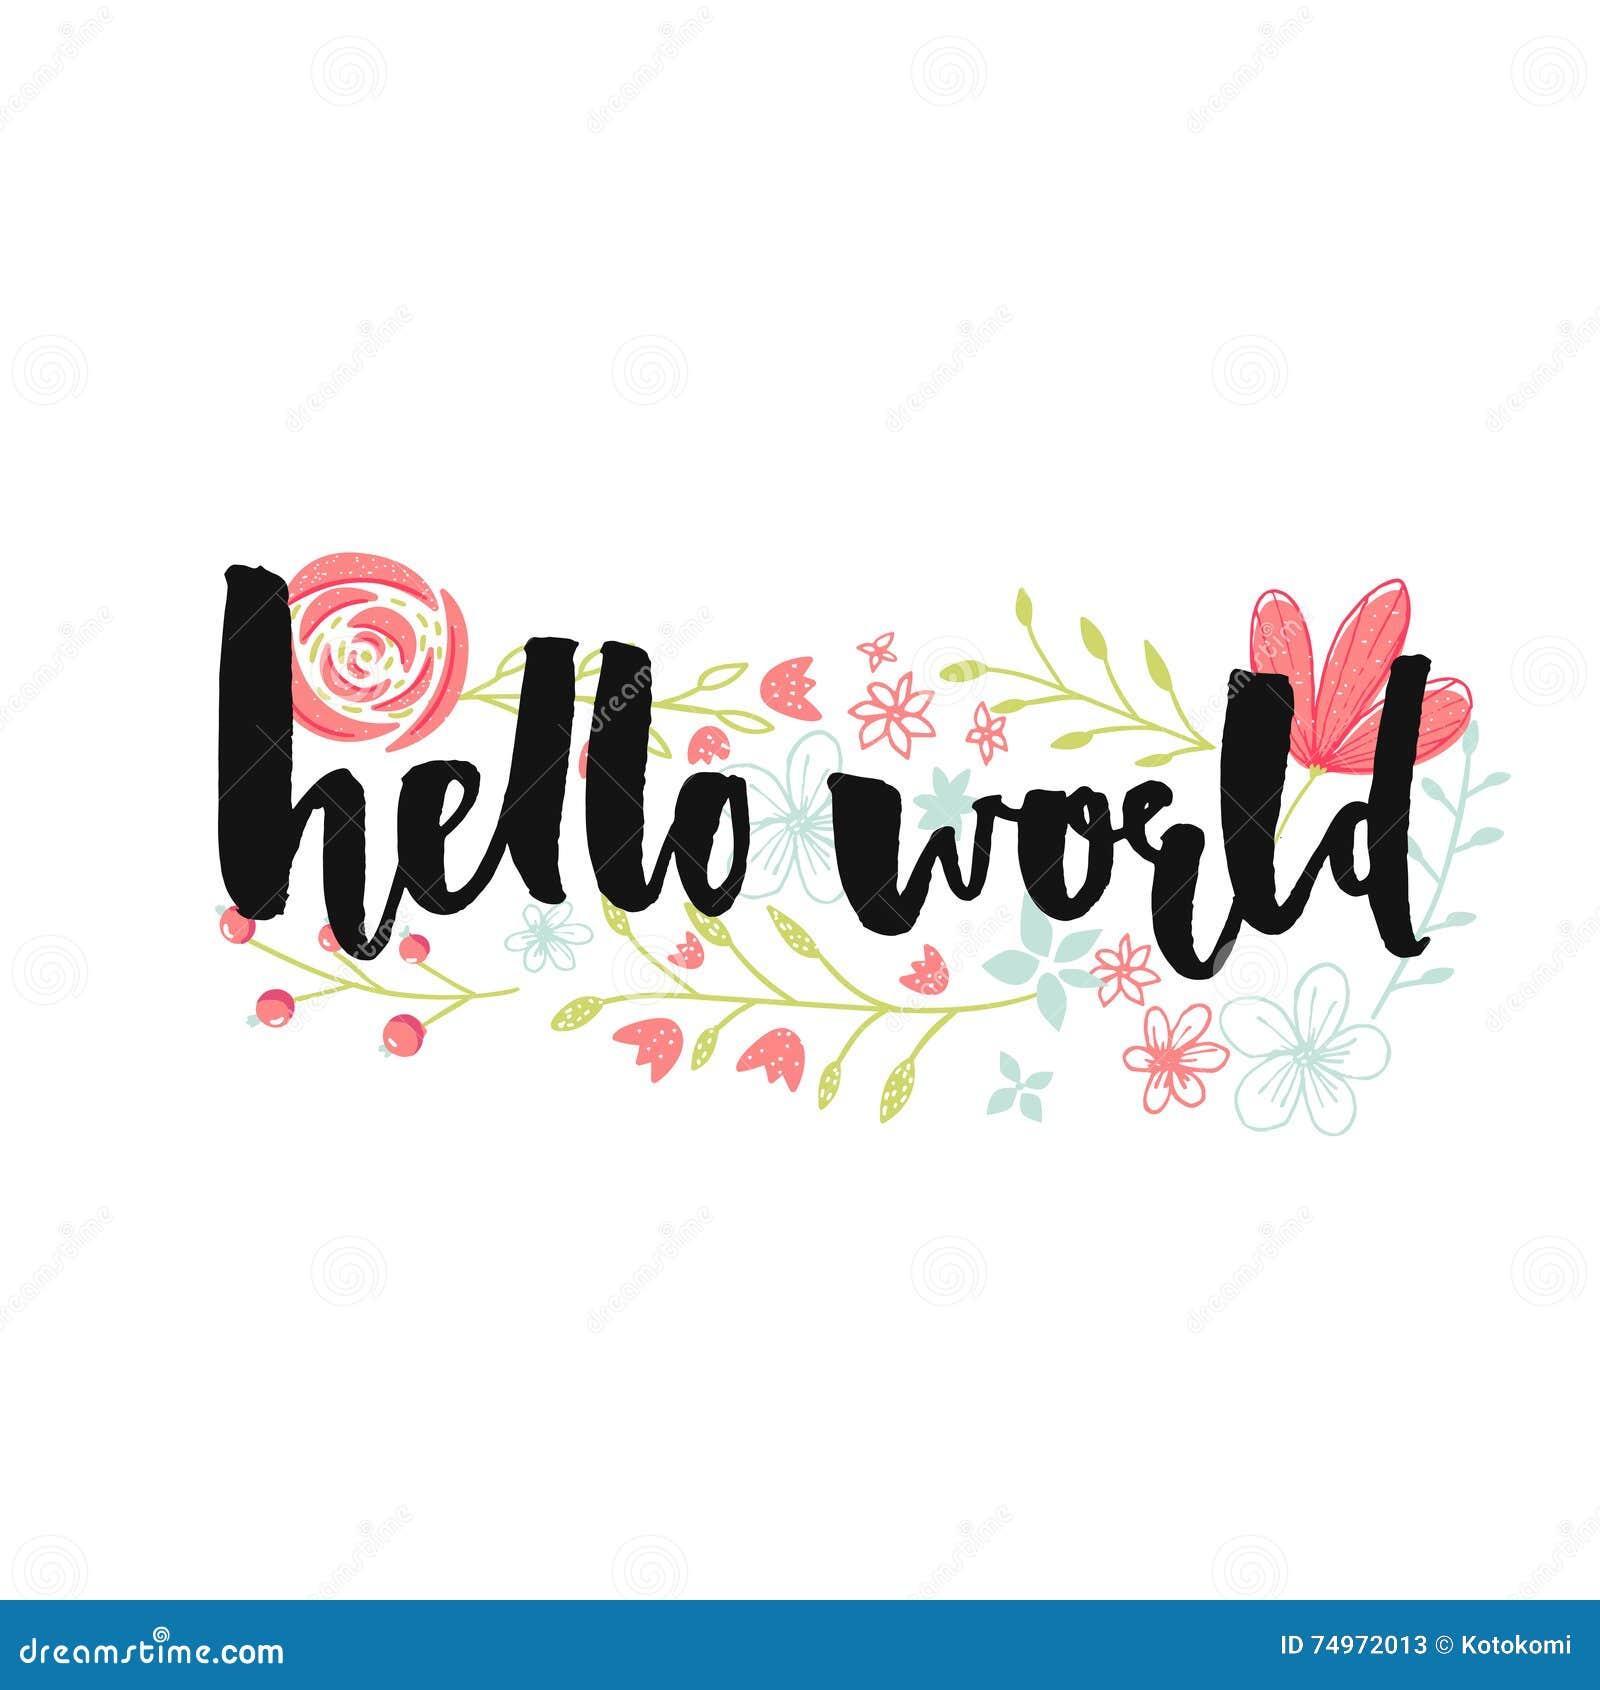 Hello World: Hello World Royalty-Free Stock Photo